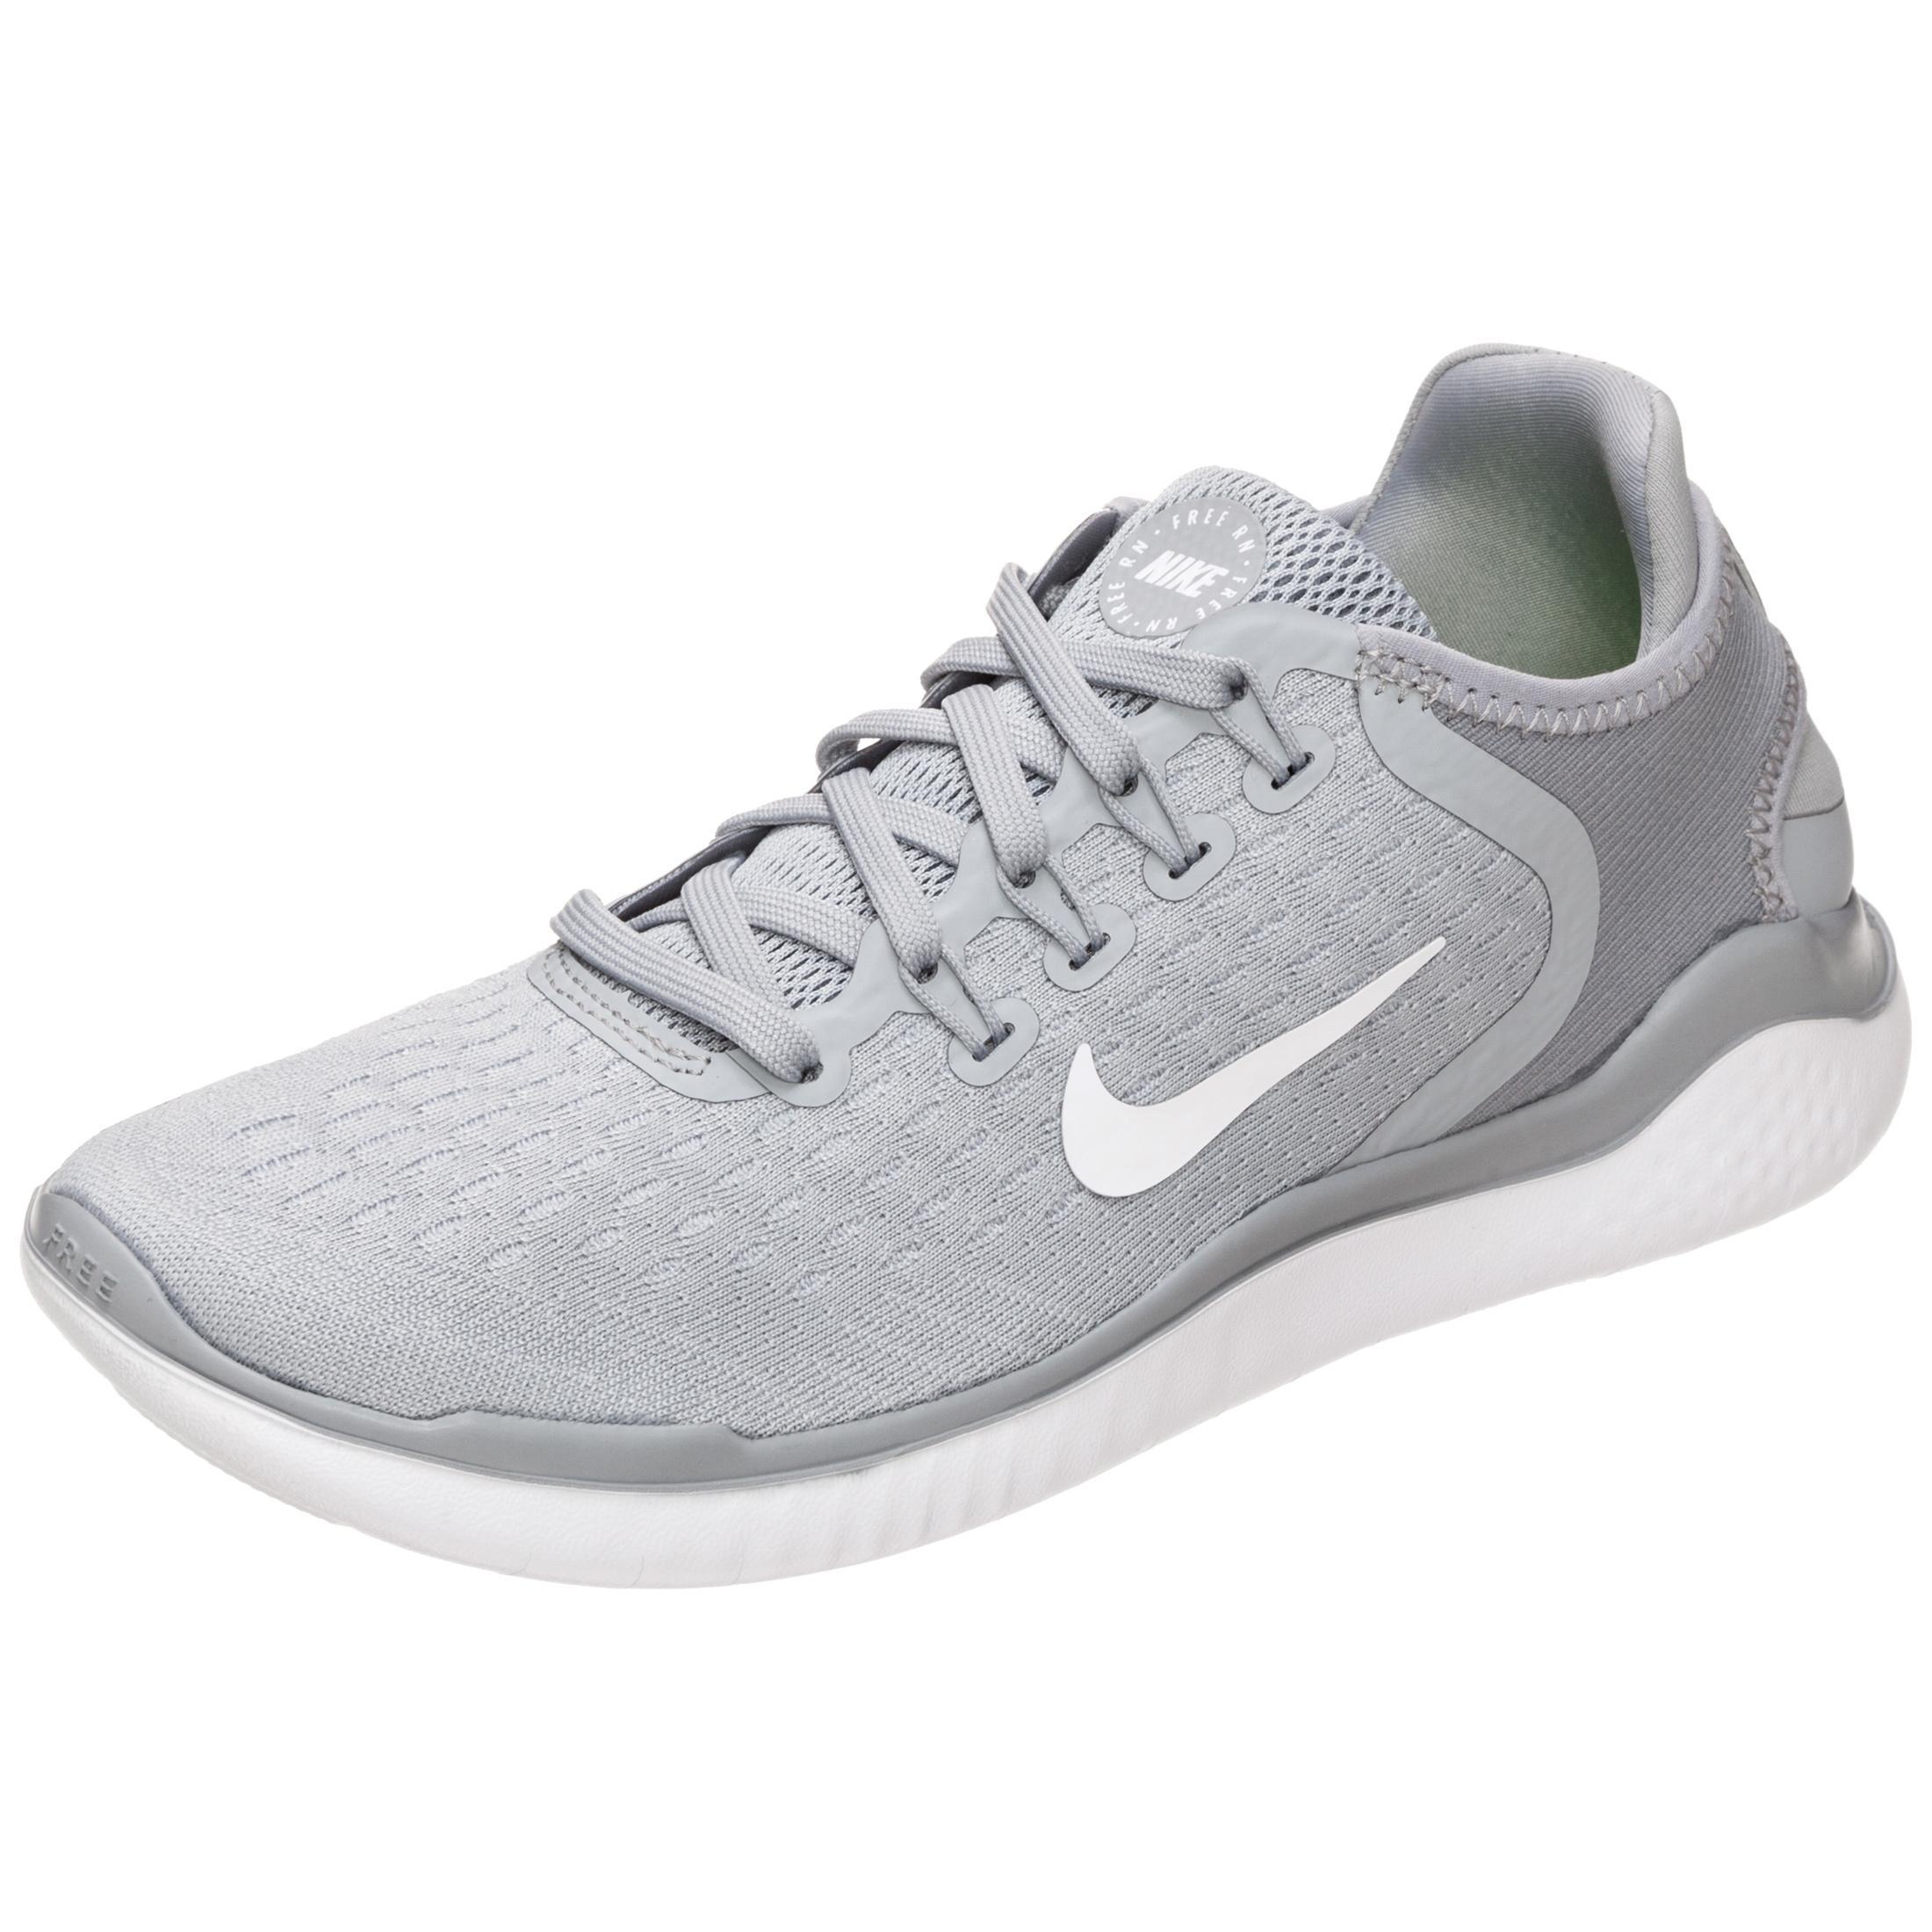 Nike Free RN 2018 Laufschuhe Damen grau / weiß im Online Shop von ...